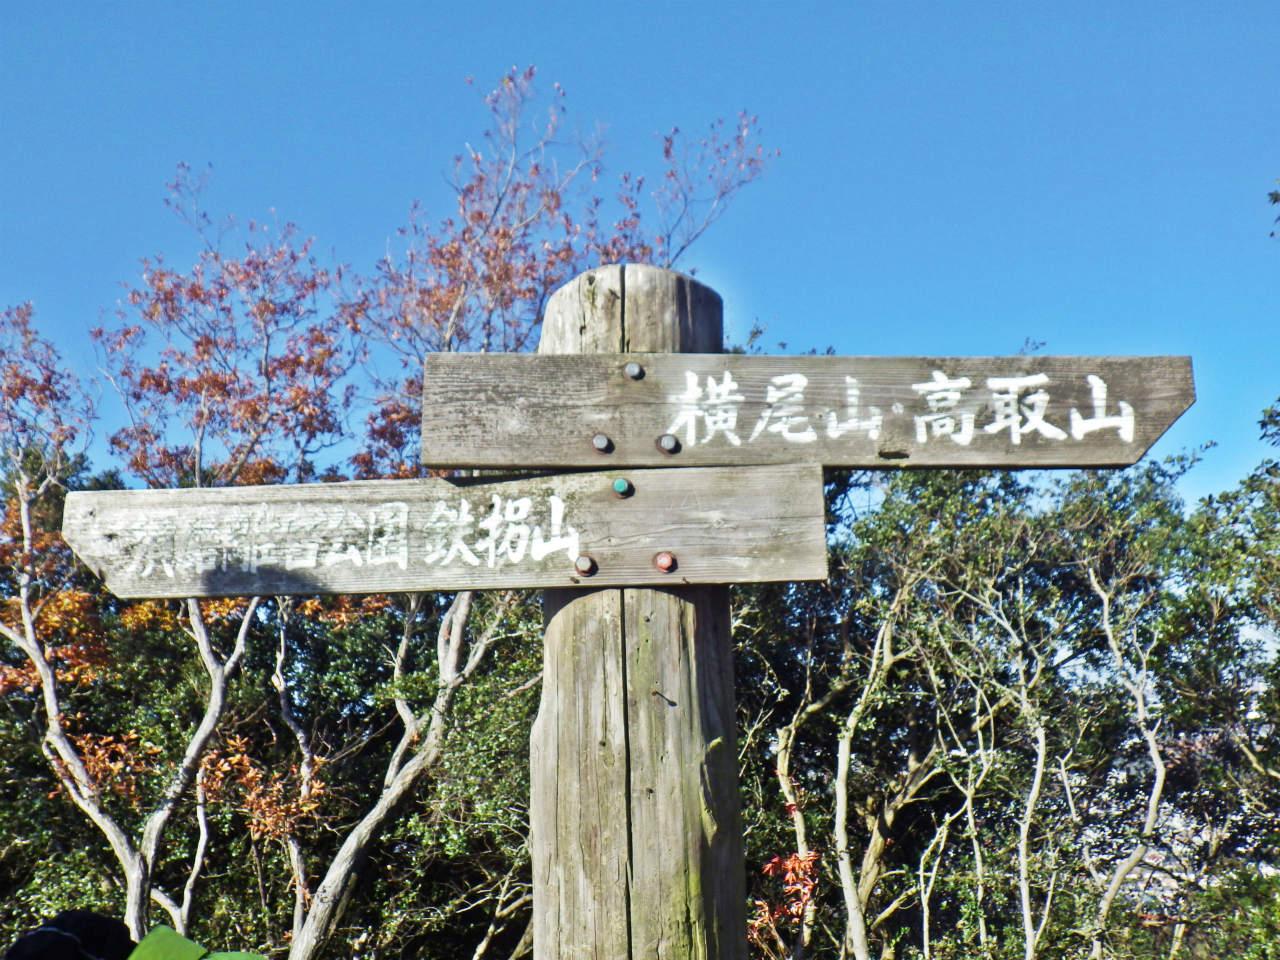 10b 須磨離宮公園への標識